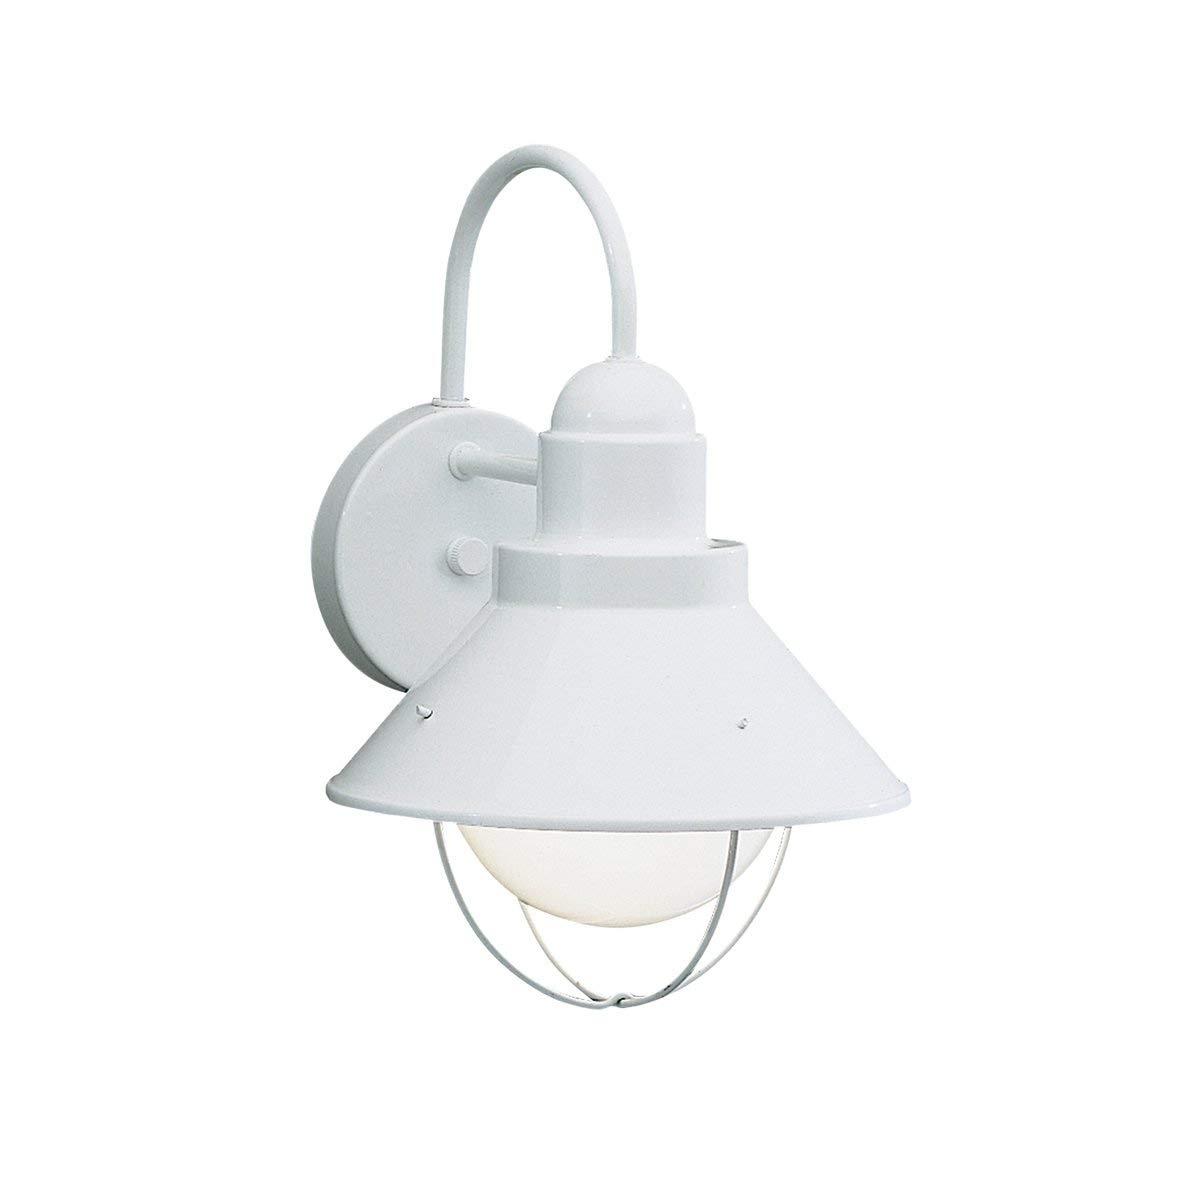 Amazon : Kichler 9022Wh Seaside Outdoor Wall Lantern, White for Outdoor Lanterns at Amazon (Image 2 of 20)